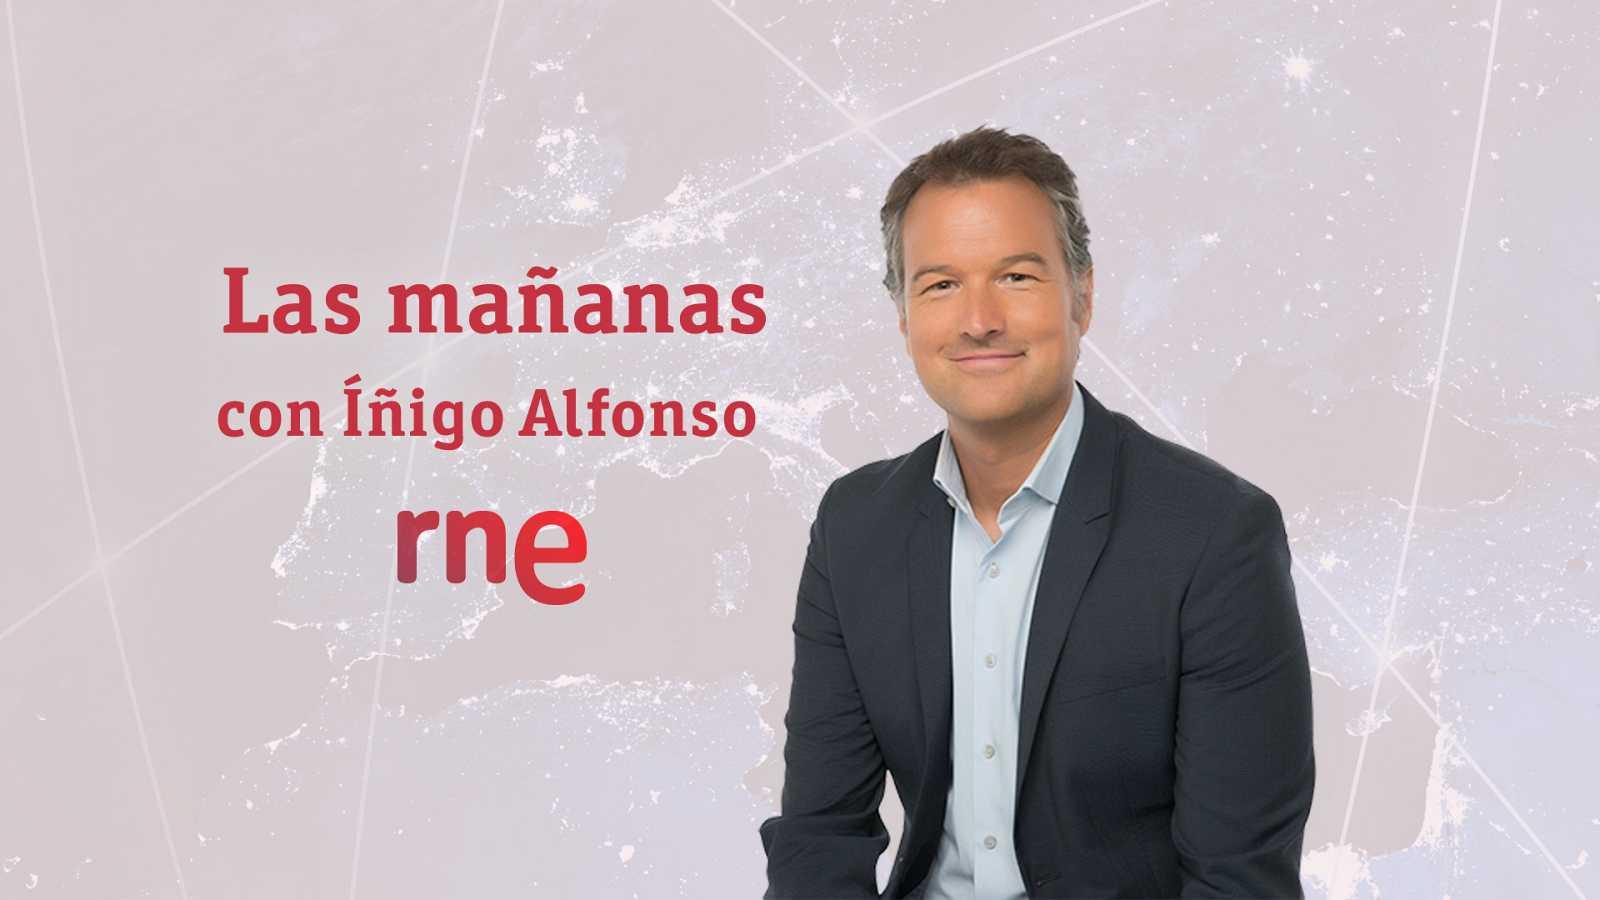 Las mañanas de RNE con Íñigo Alfonso - Primera hora - 20/01/21 - escuchar ahora